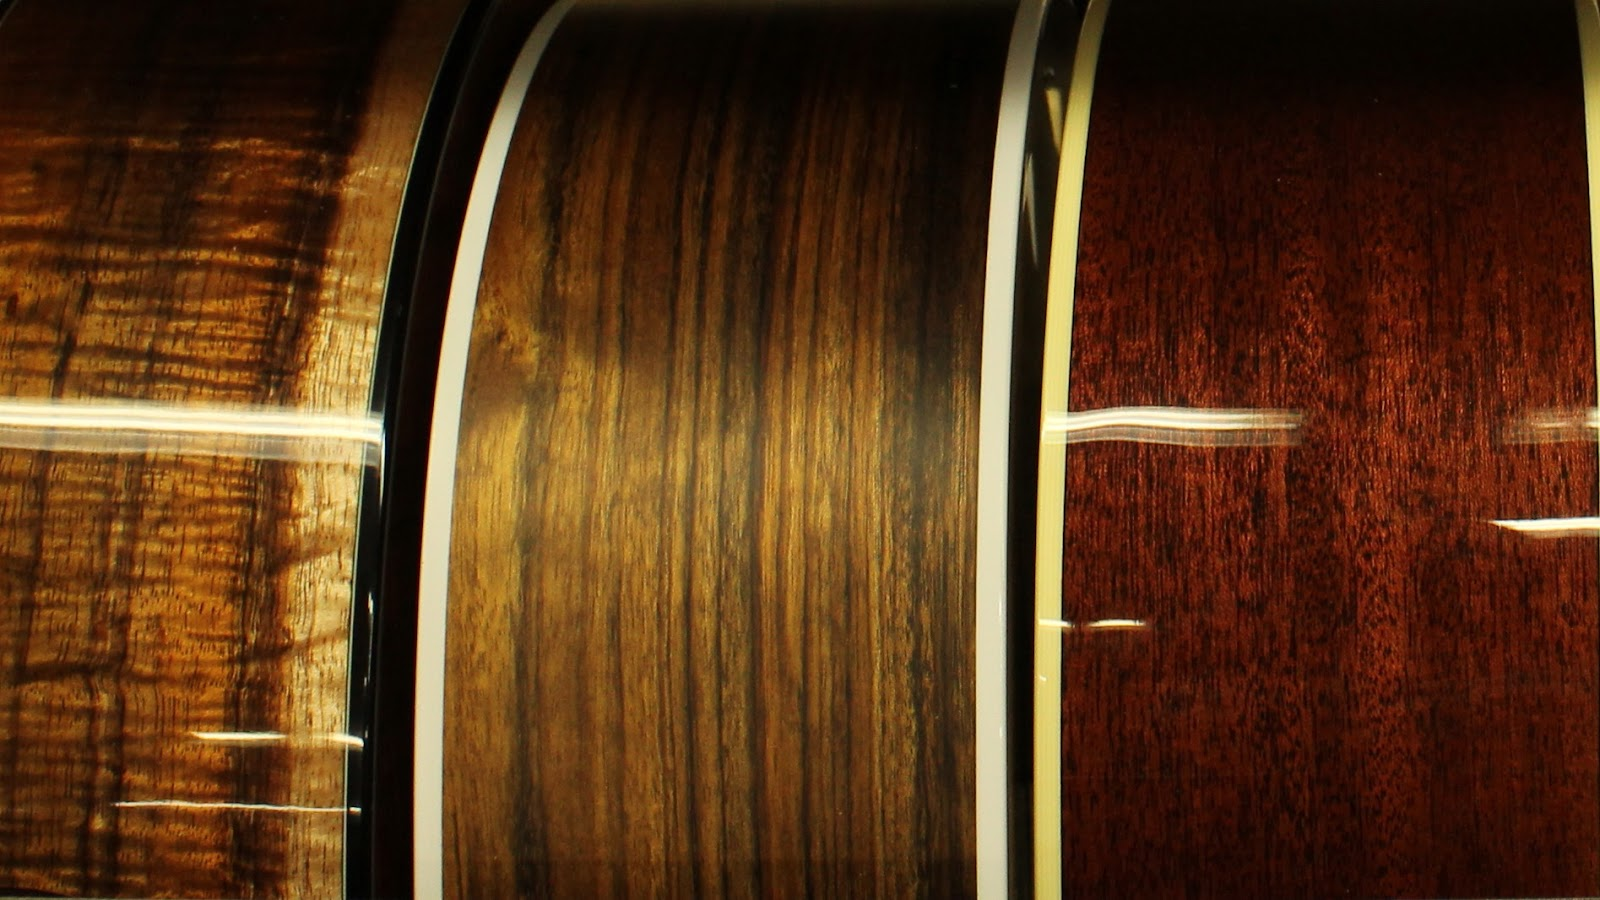 2014_06_23_San Diego_Taylor Guitars_1980 Gillespie Way, El Cajon, CA_D5__034_05.jpg